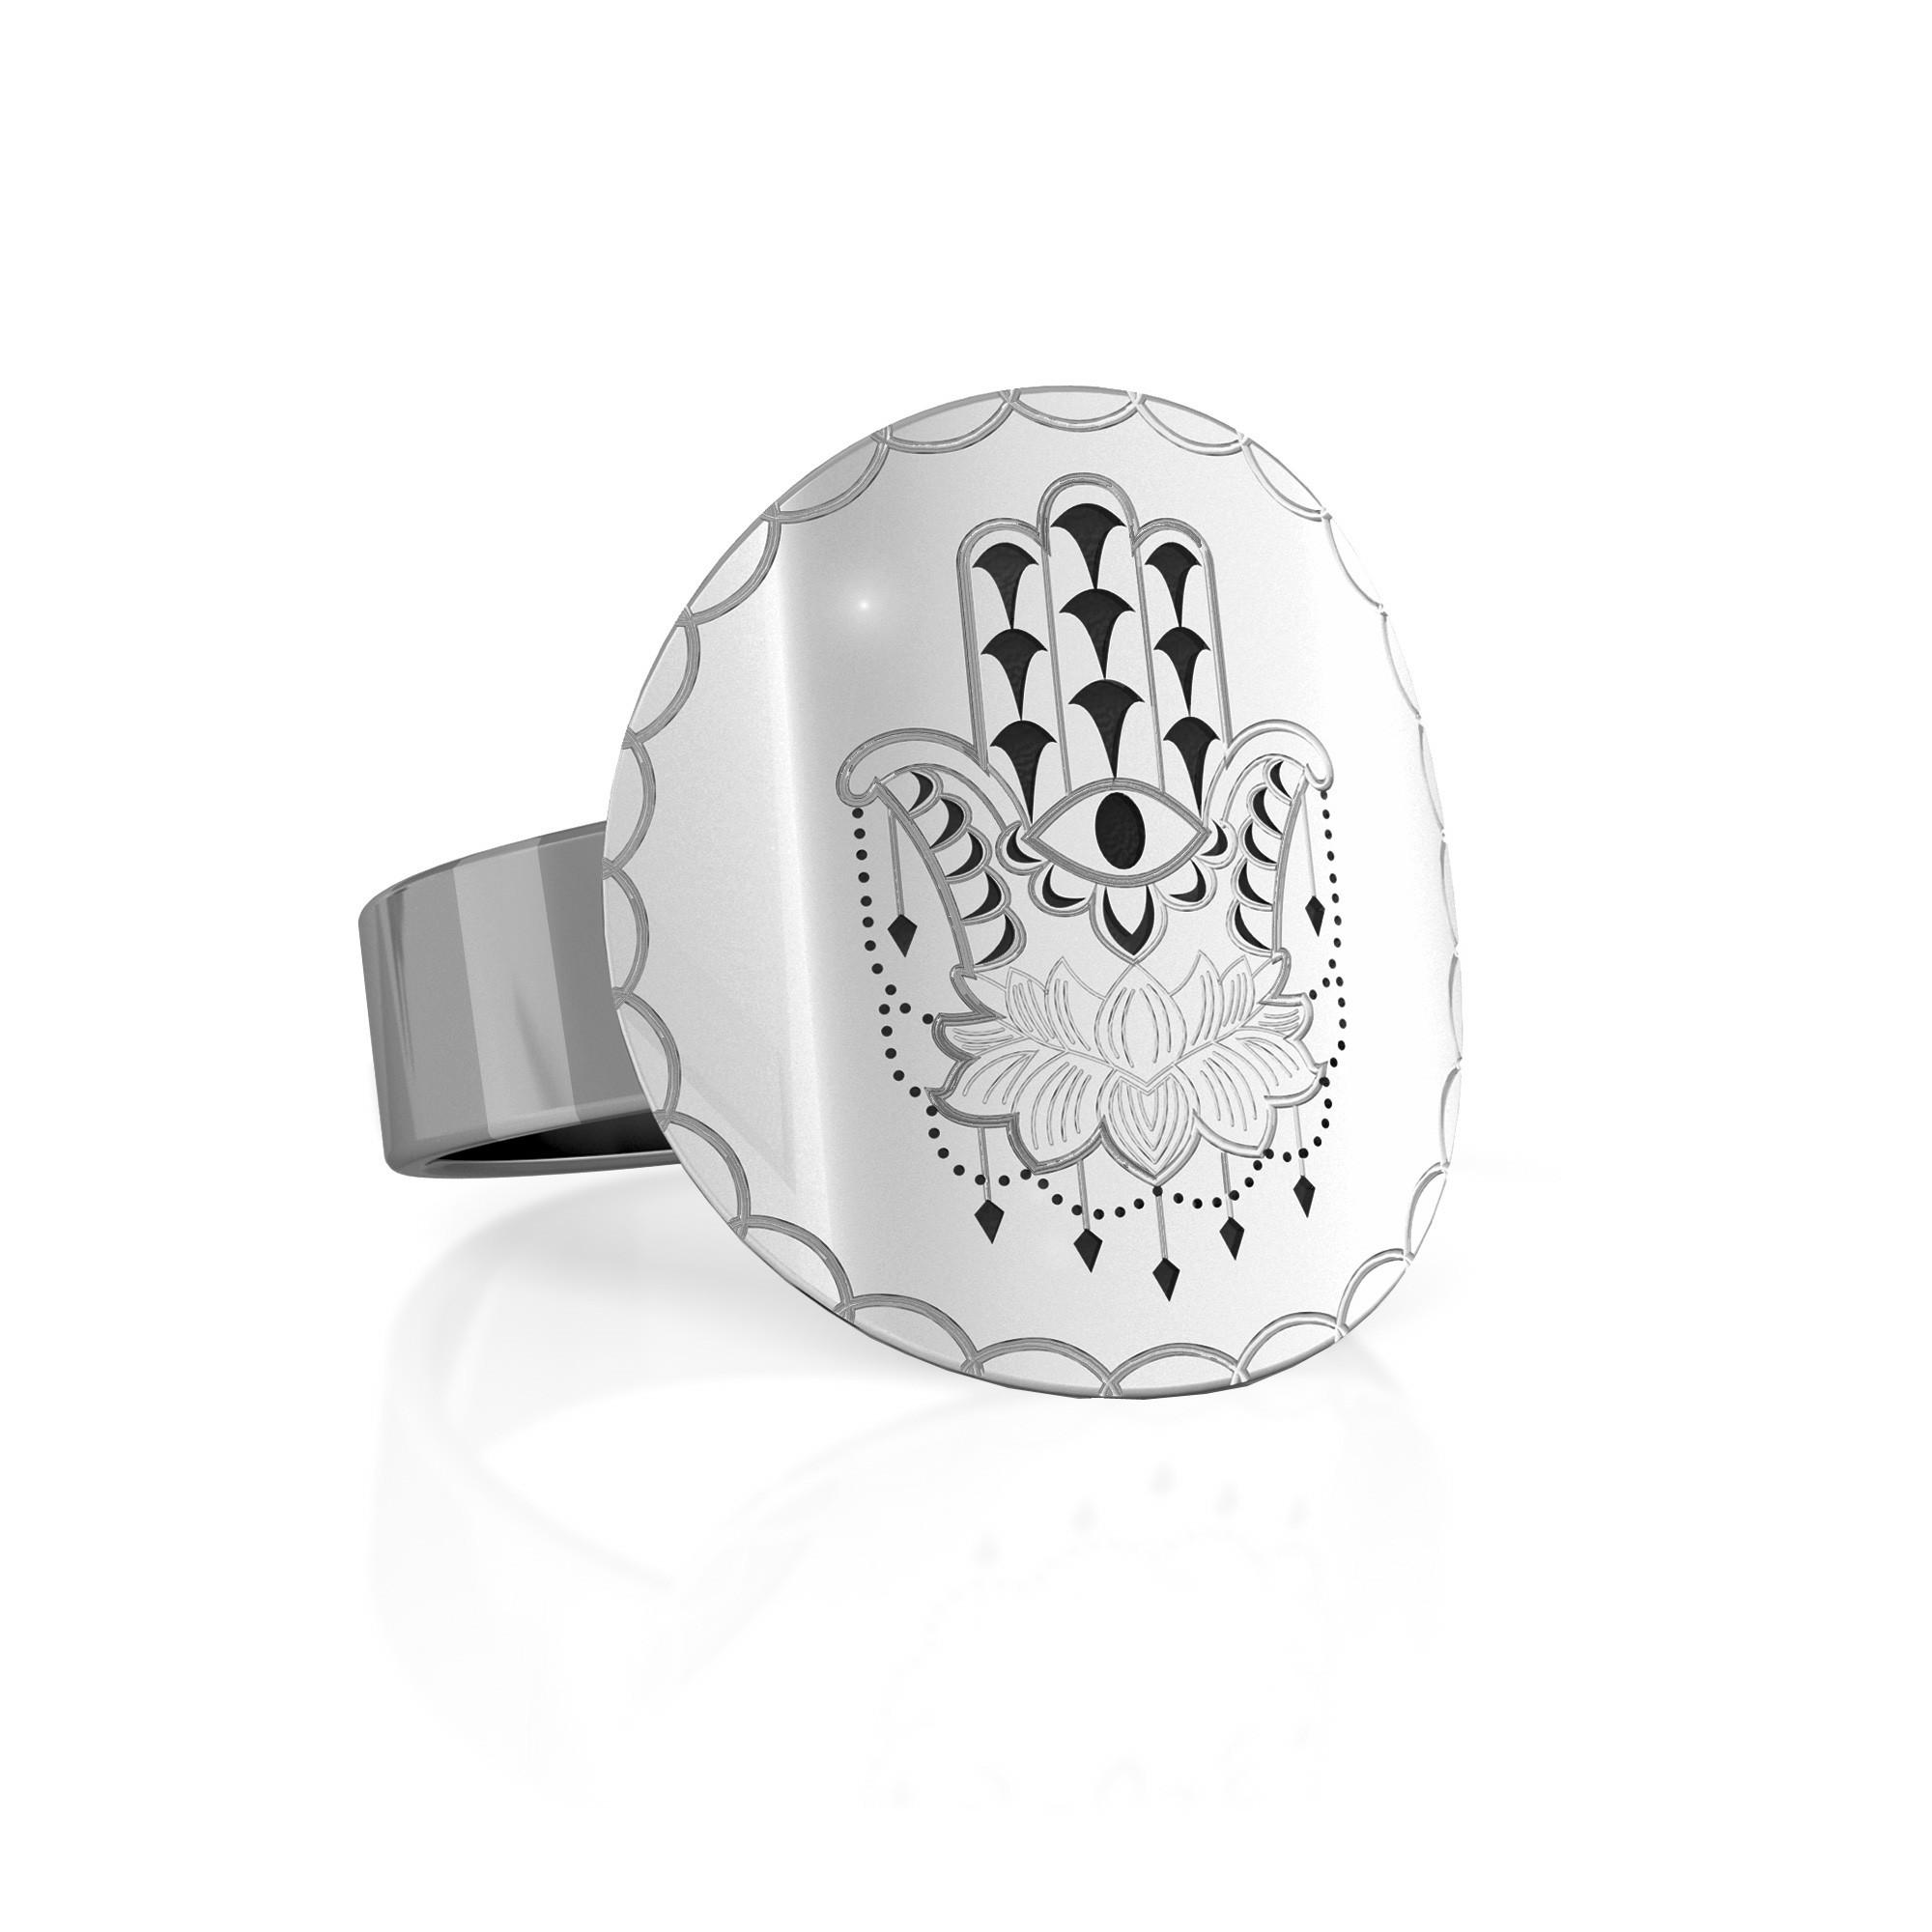 Srebrny sygnet Hamsa, MON DÉFI, 925